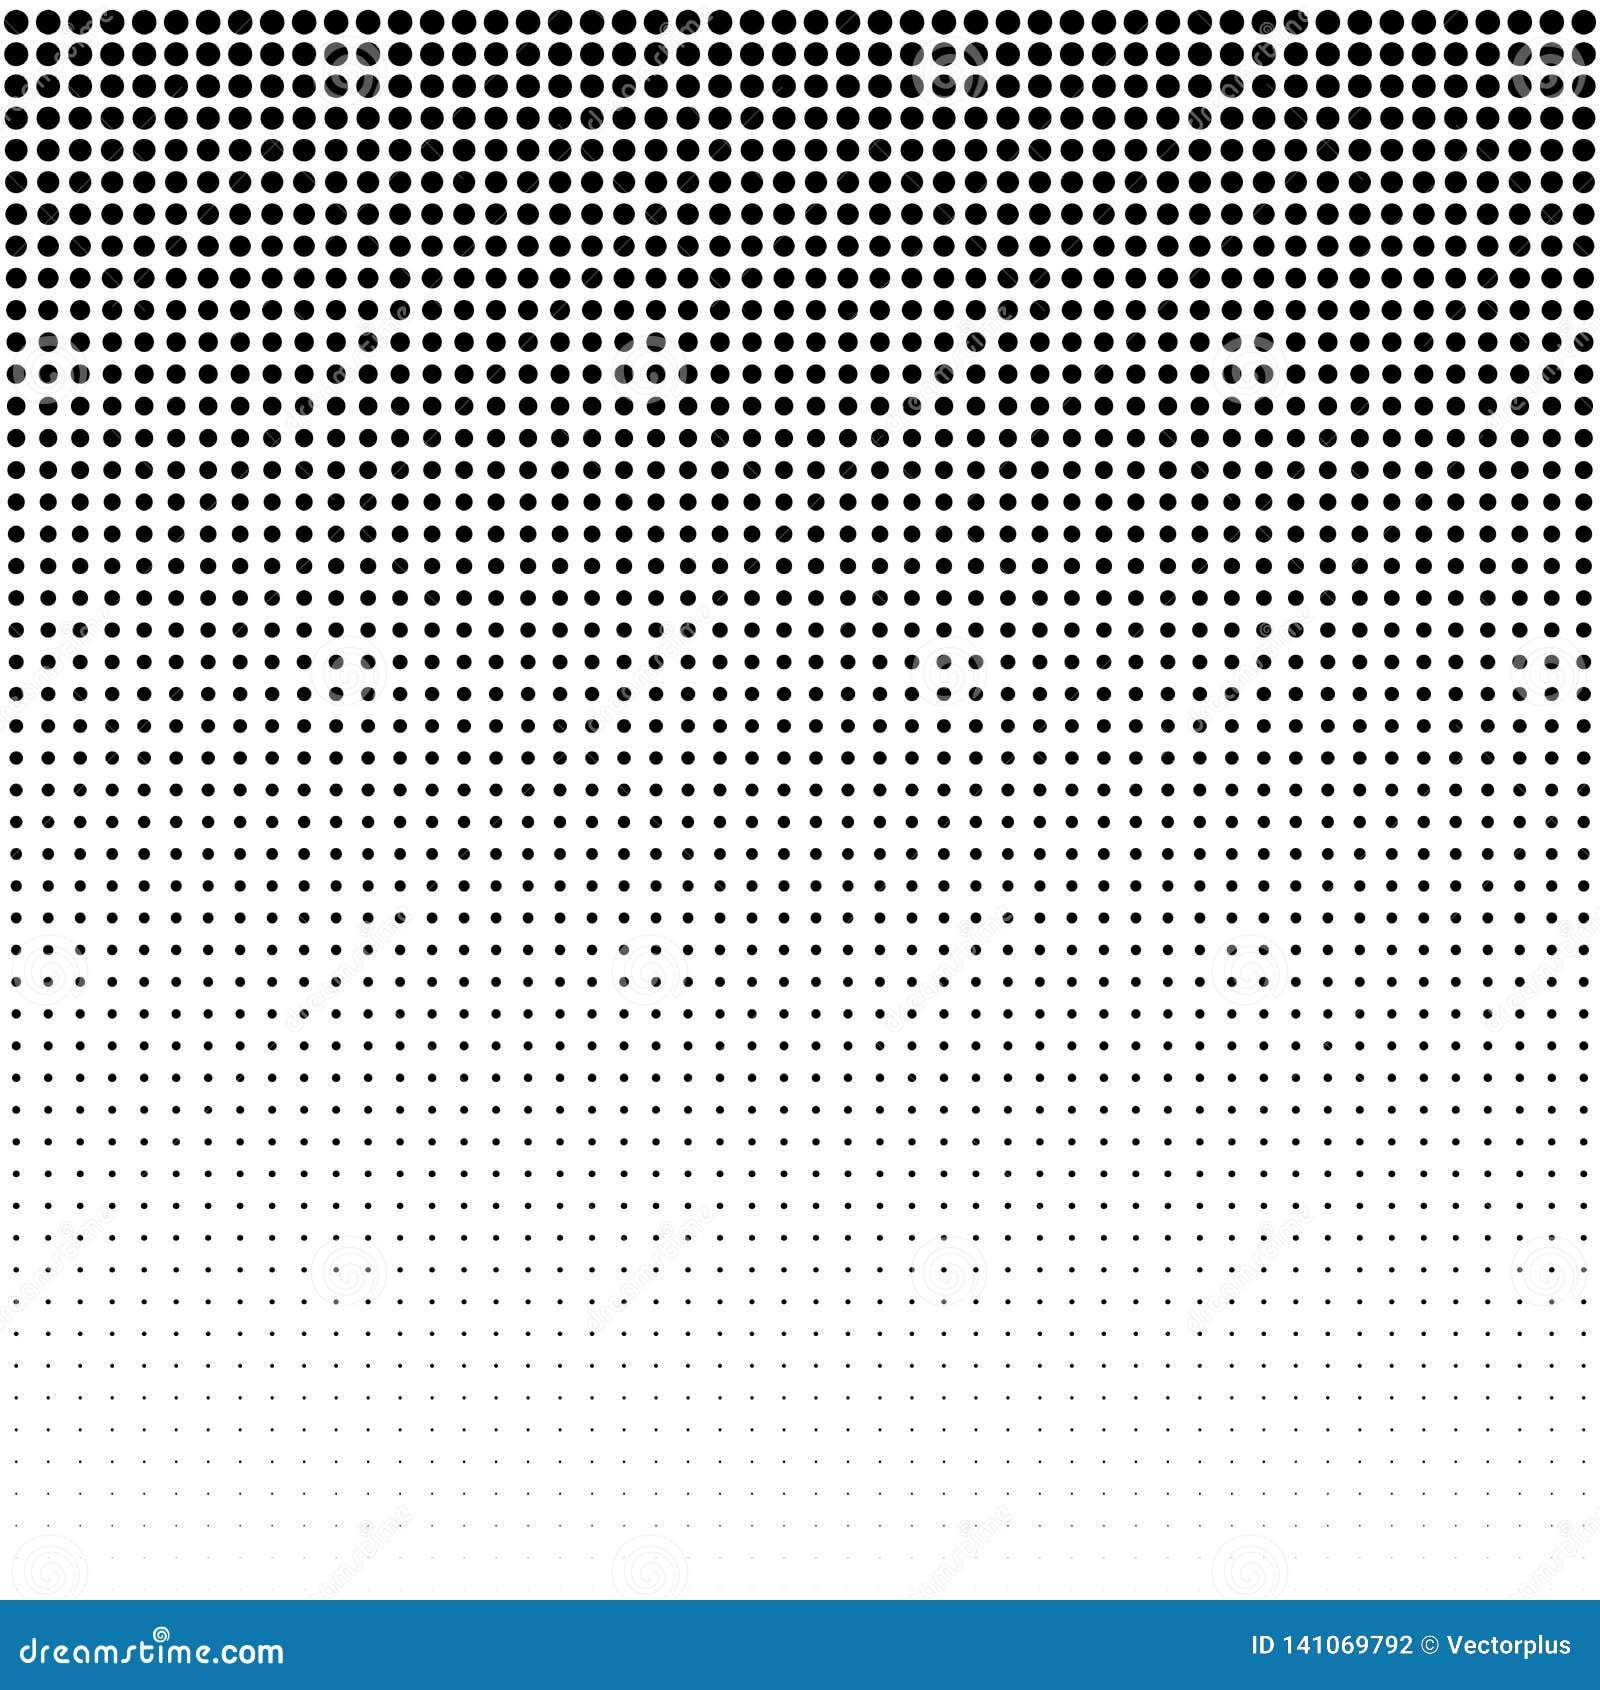 Punktiert Hintergrund Weinlese-modernes Muster Grunge abstrakter Hintergrund Pop-Arten-Beschaffenheit Vektor